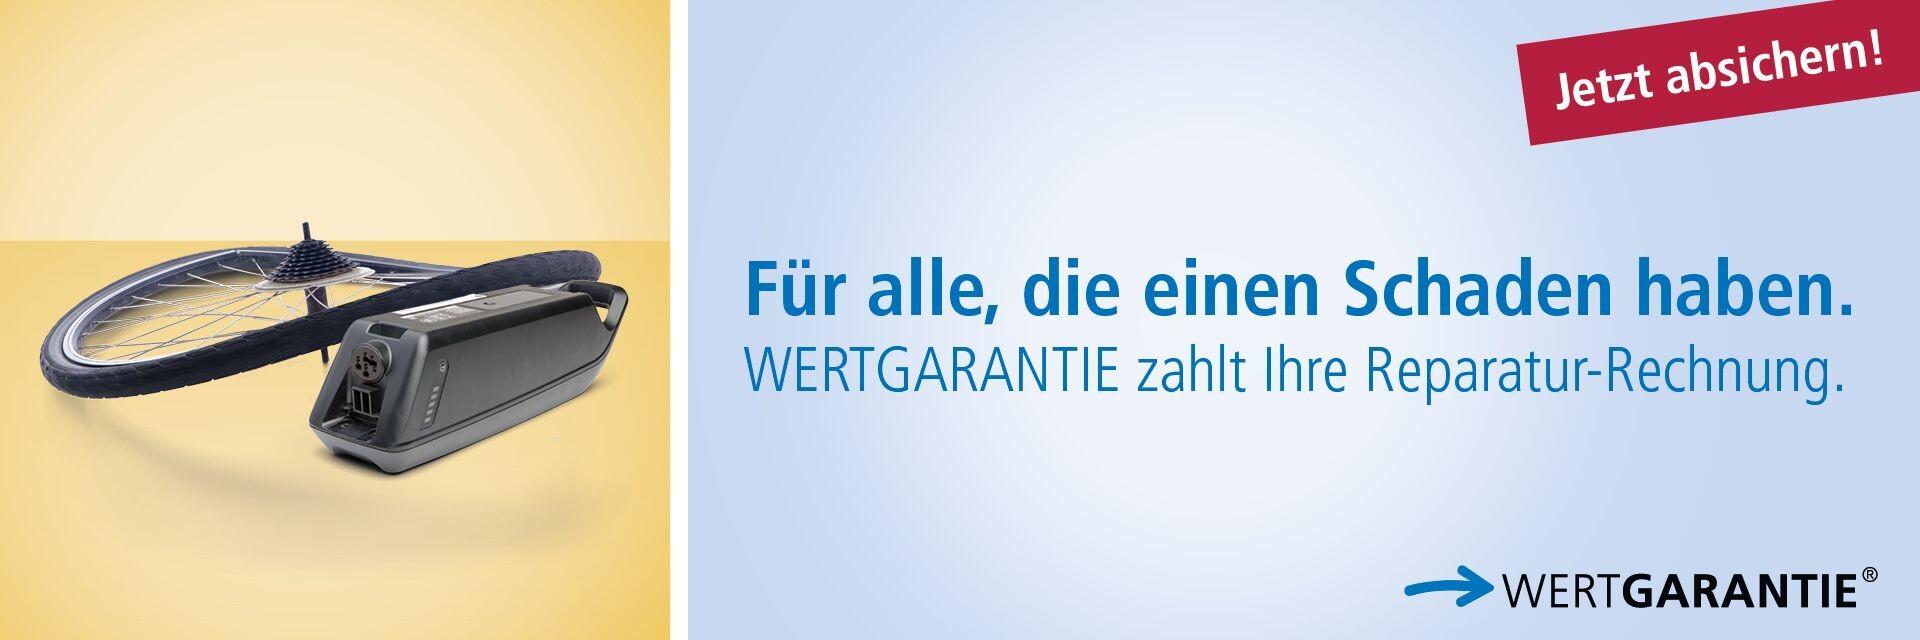 Fahrrad Becker GmbH - 55543 - Bad Kreuznach | Fahrräder ...